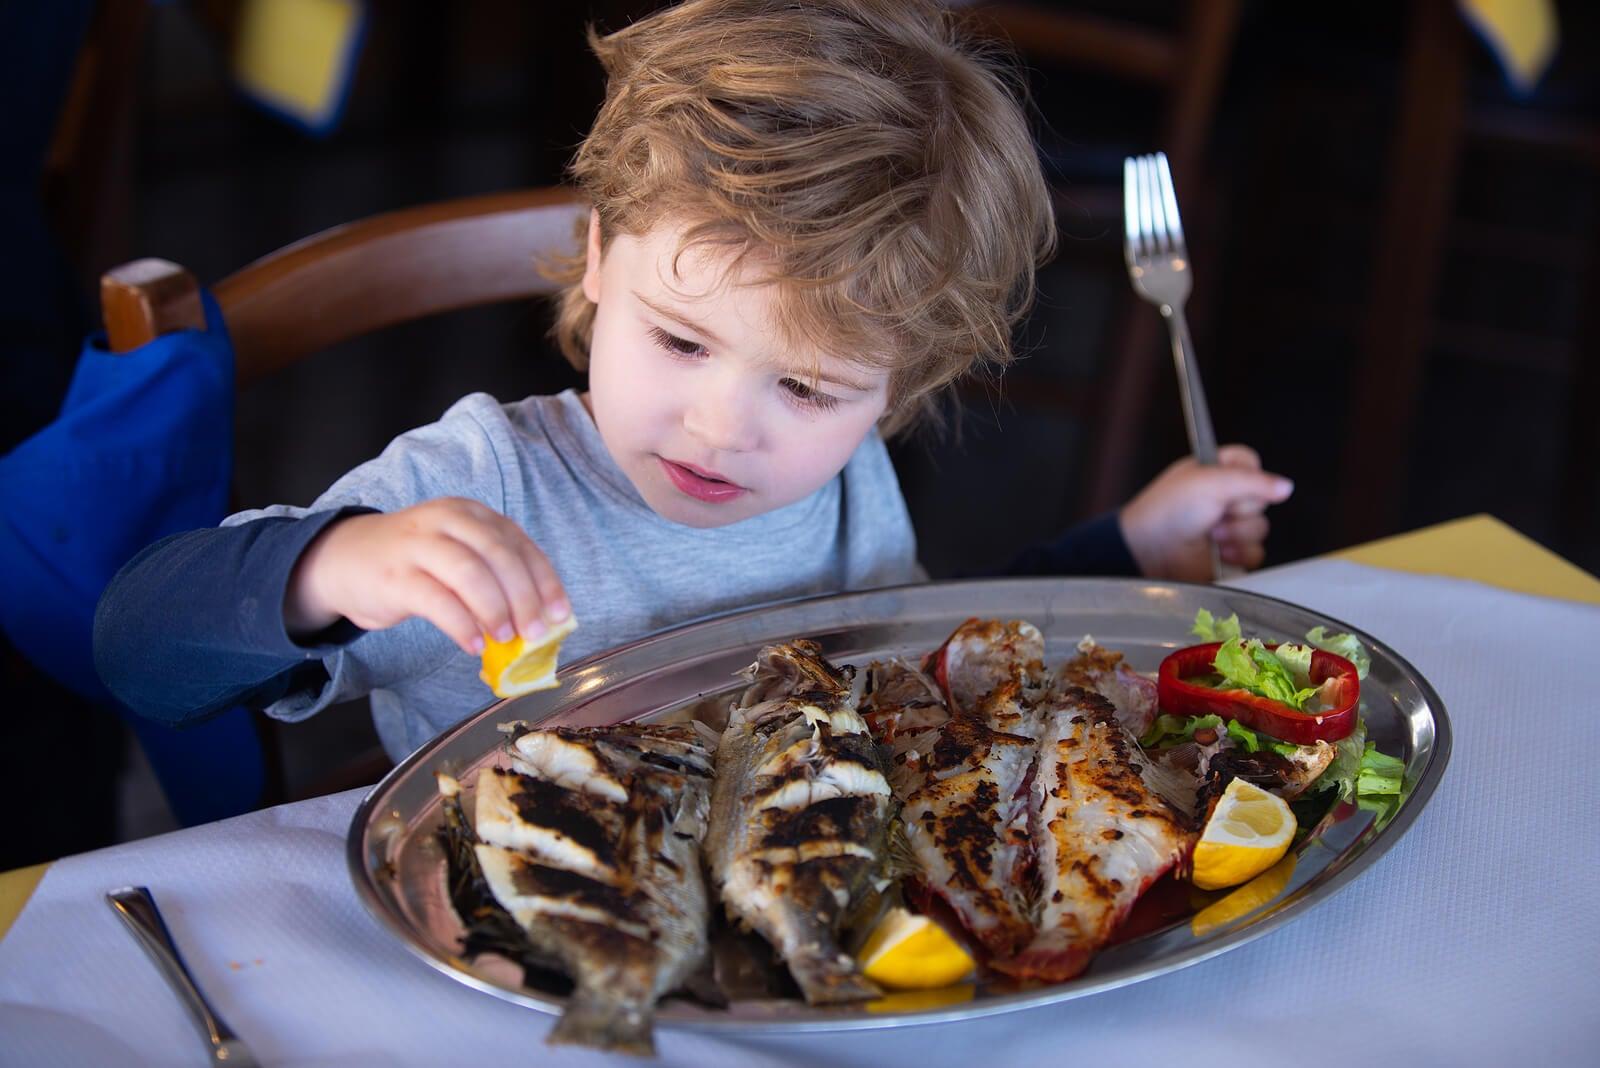 Niño comiendo pescado porque es muy importante en la alimentación infantil.